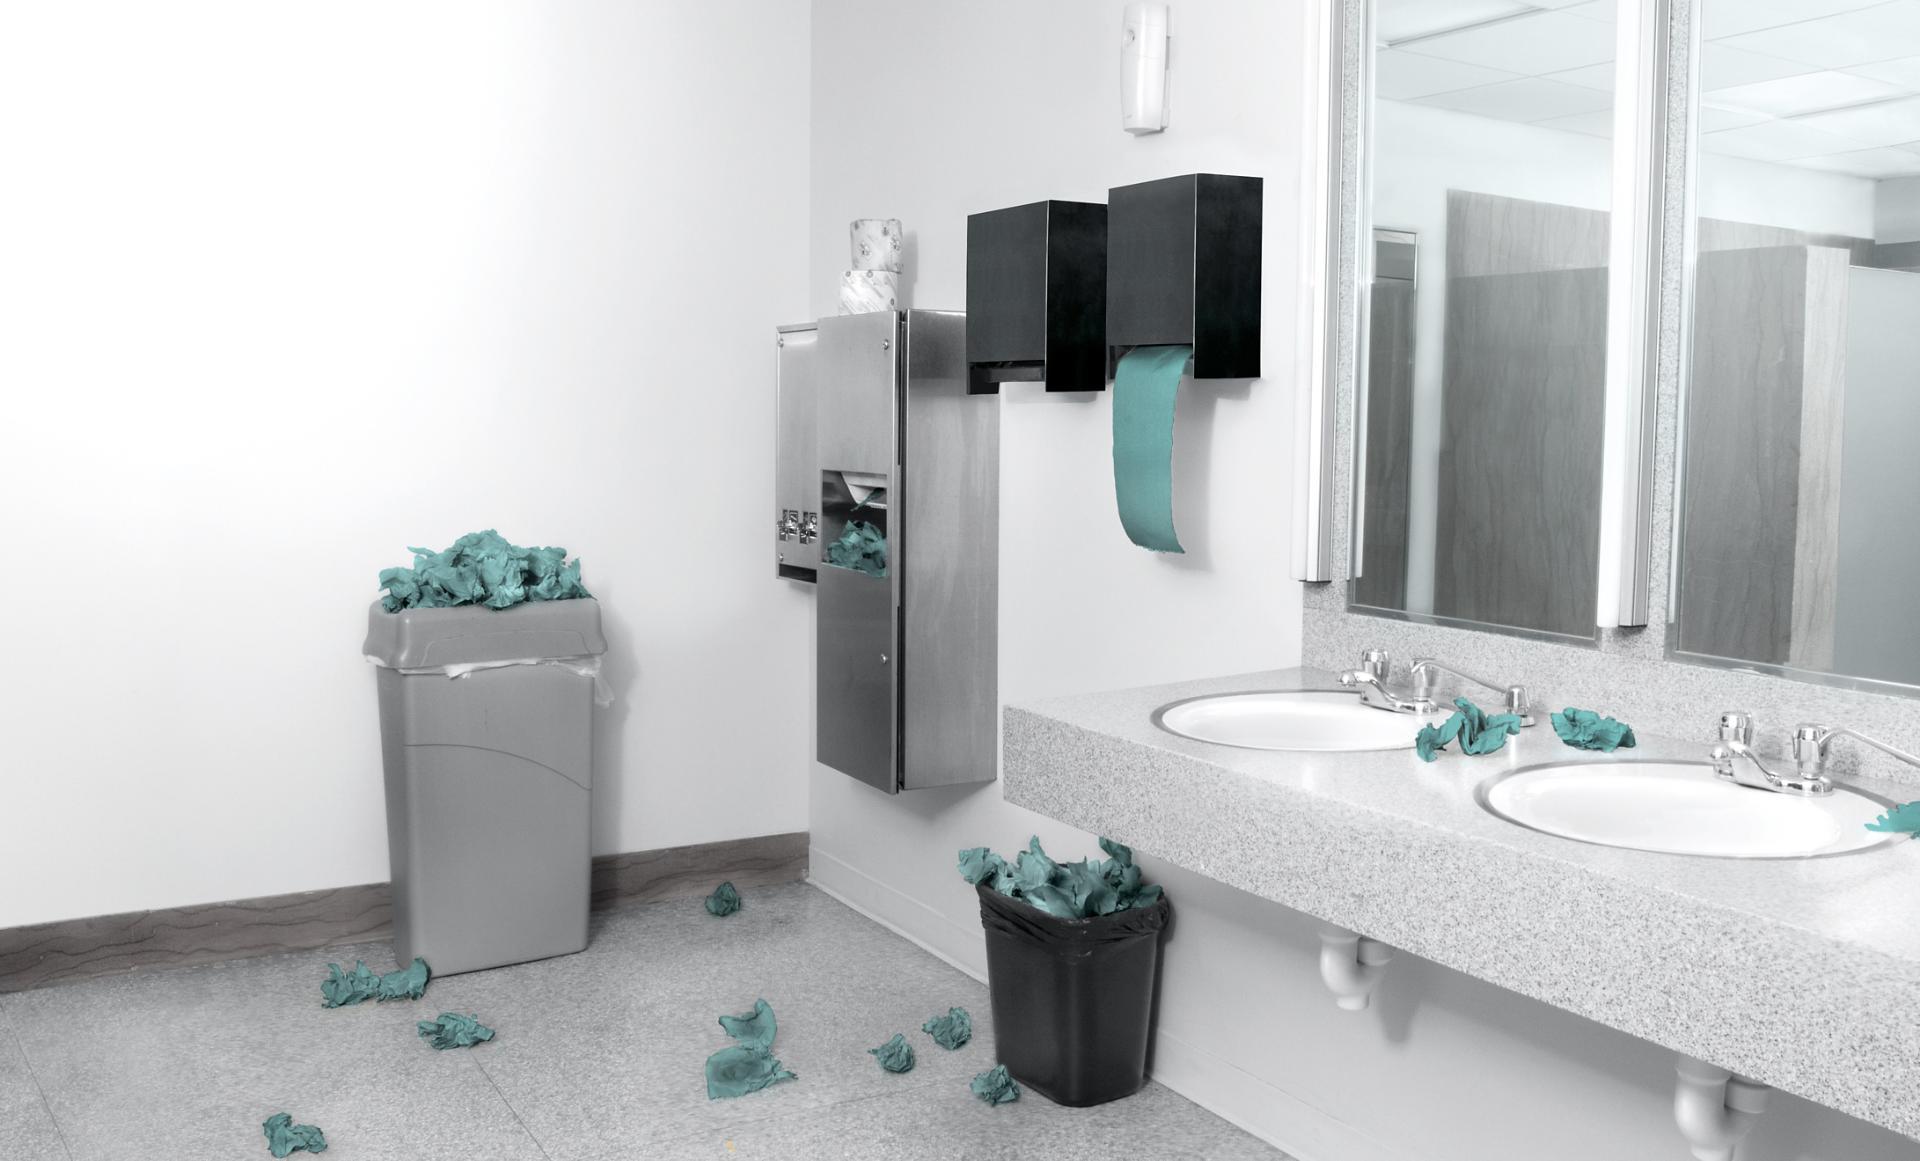 Baño con toallas de papel en el piso y en contenedores desbordados